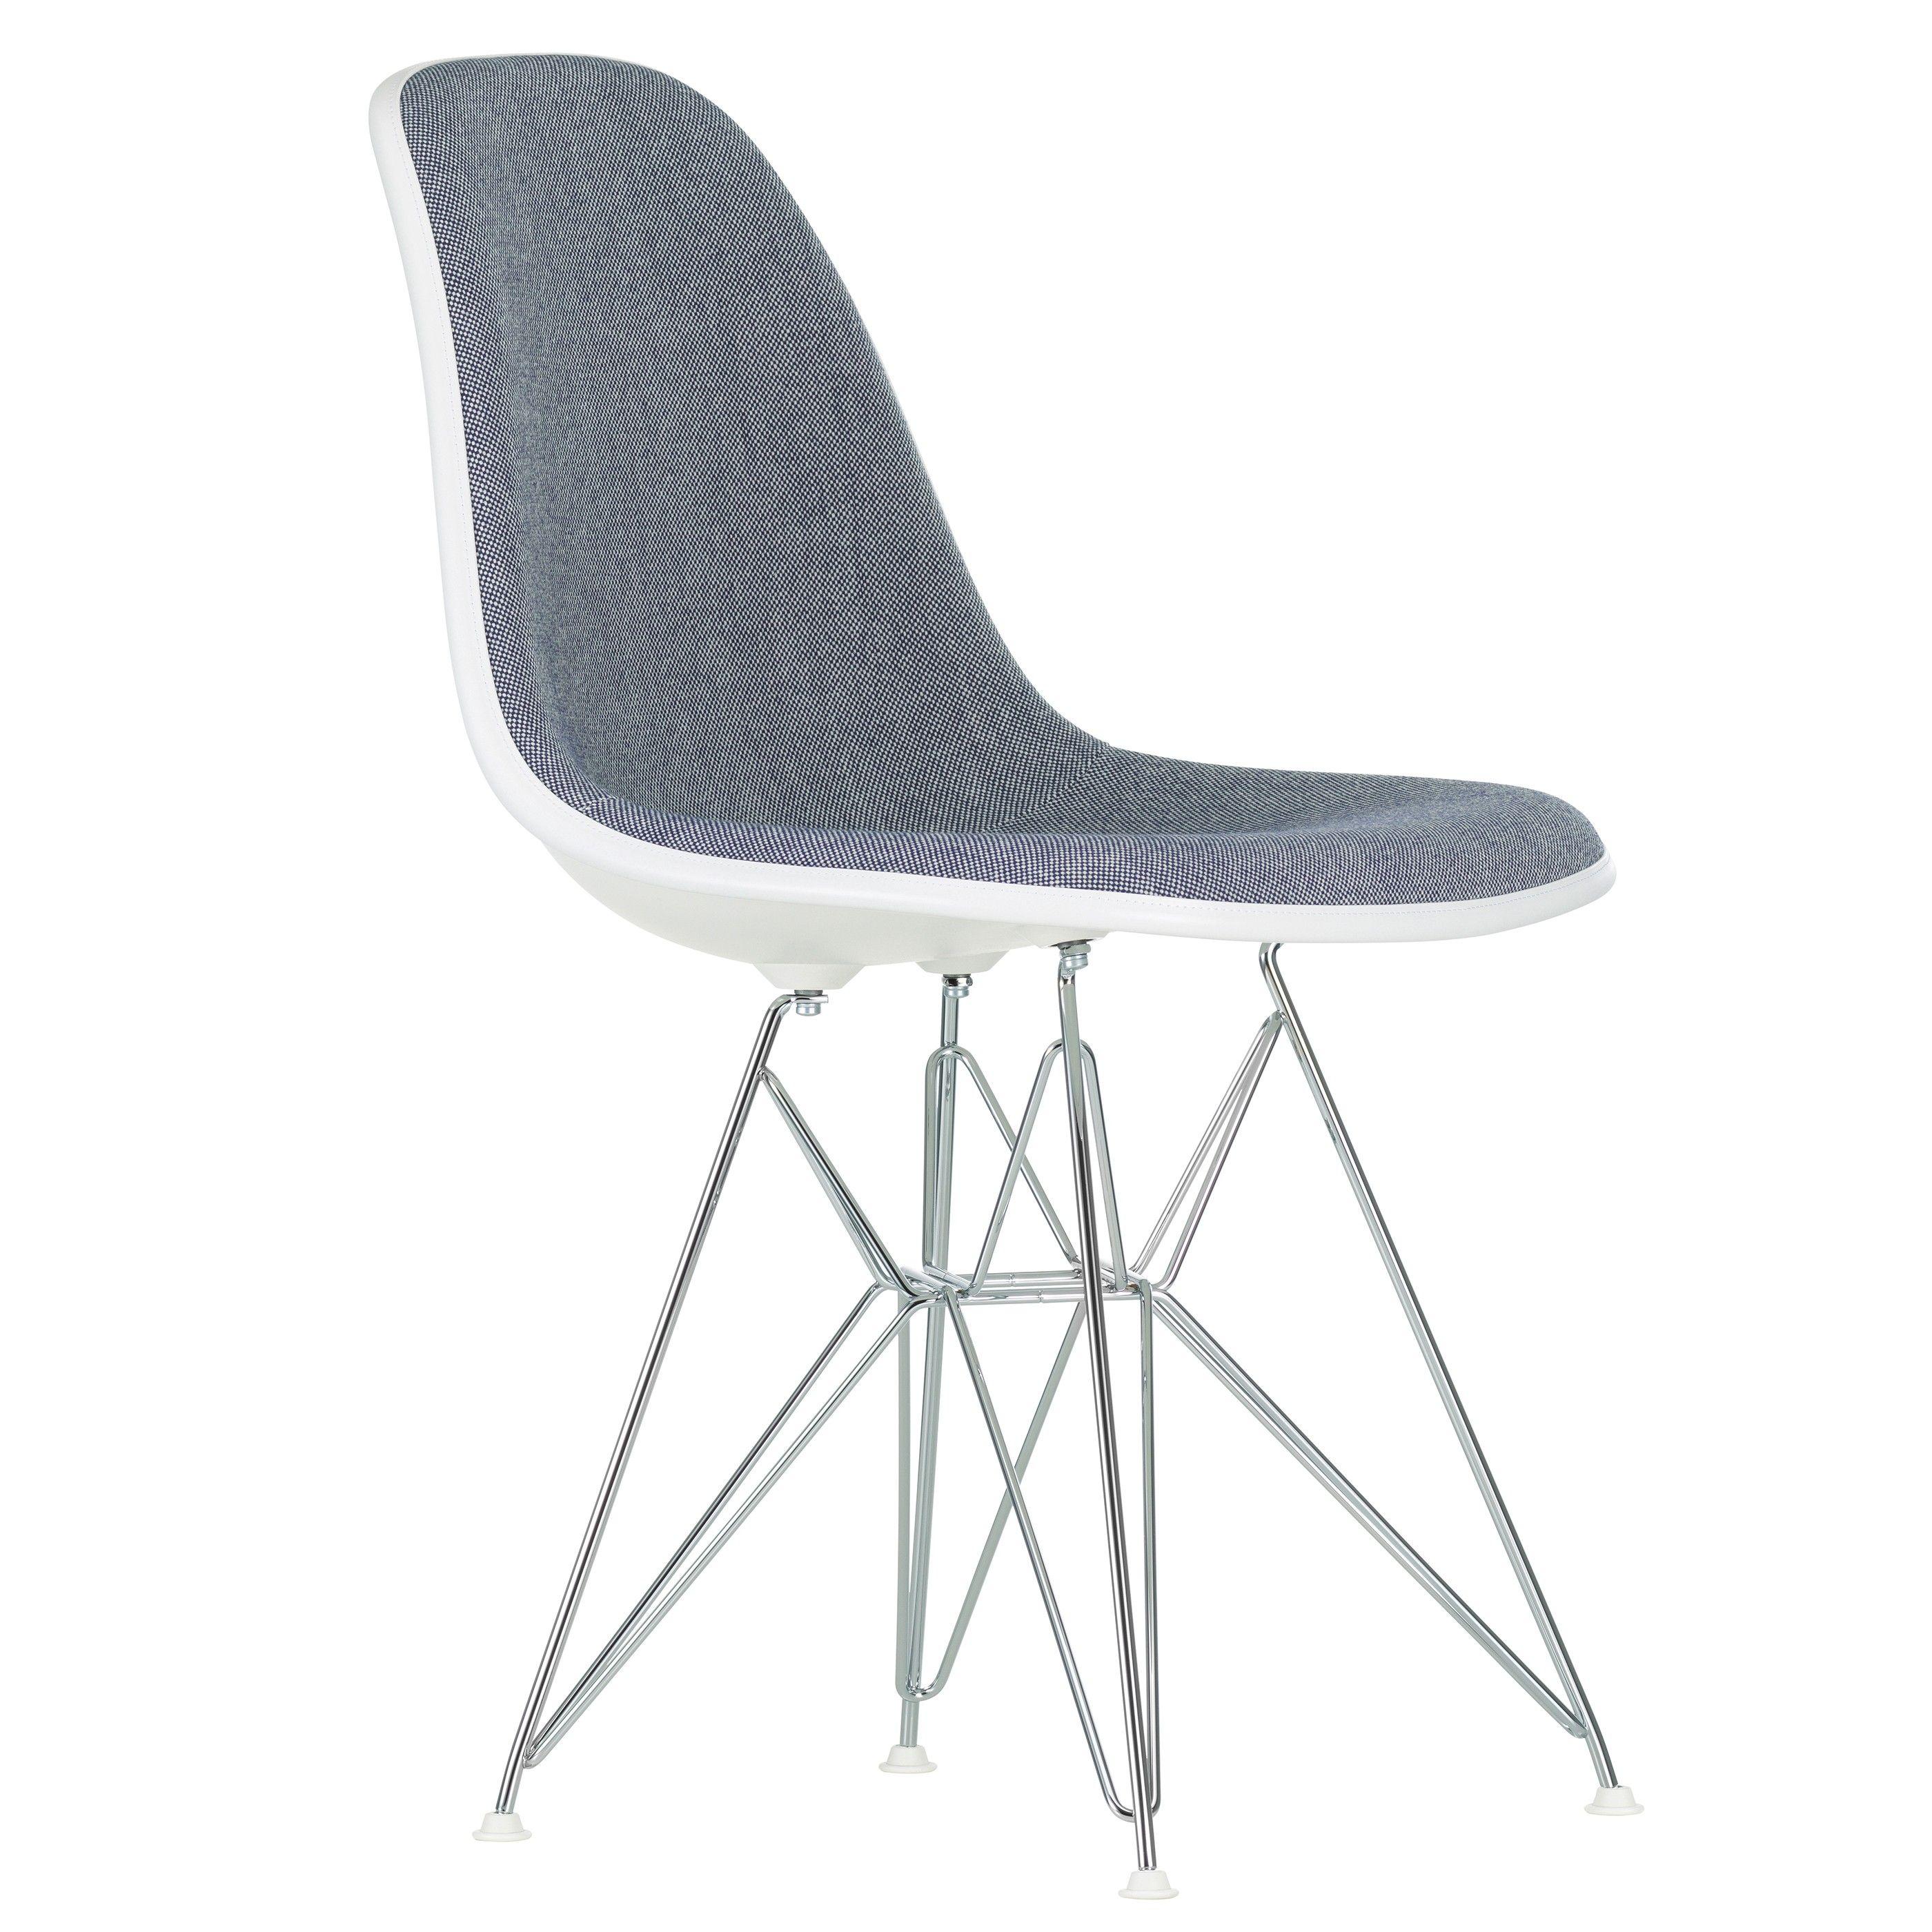 Vitra Eames DAW gestoffeerde stoel | FLINDERS